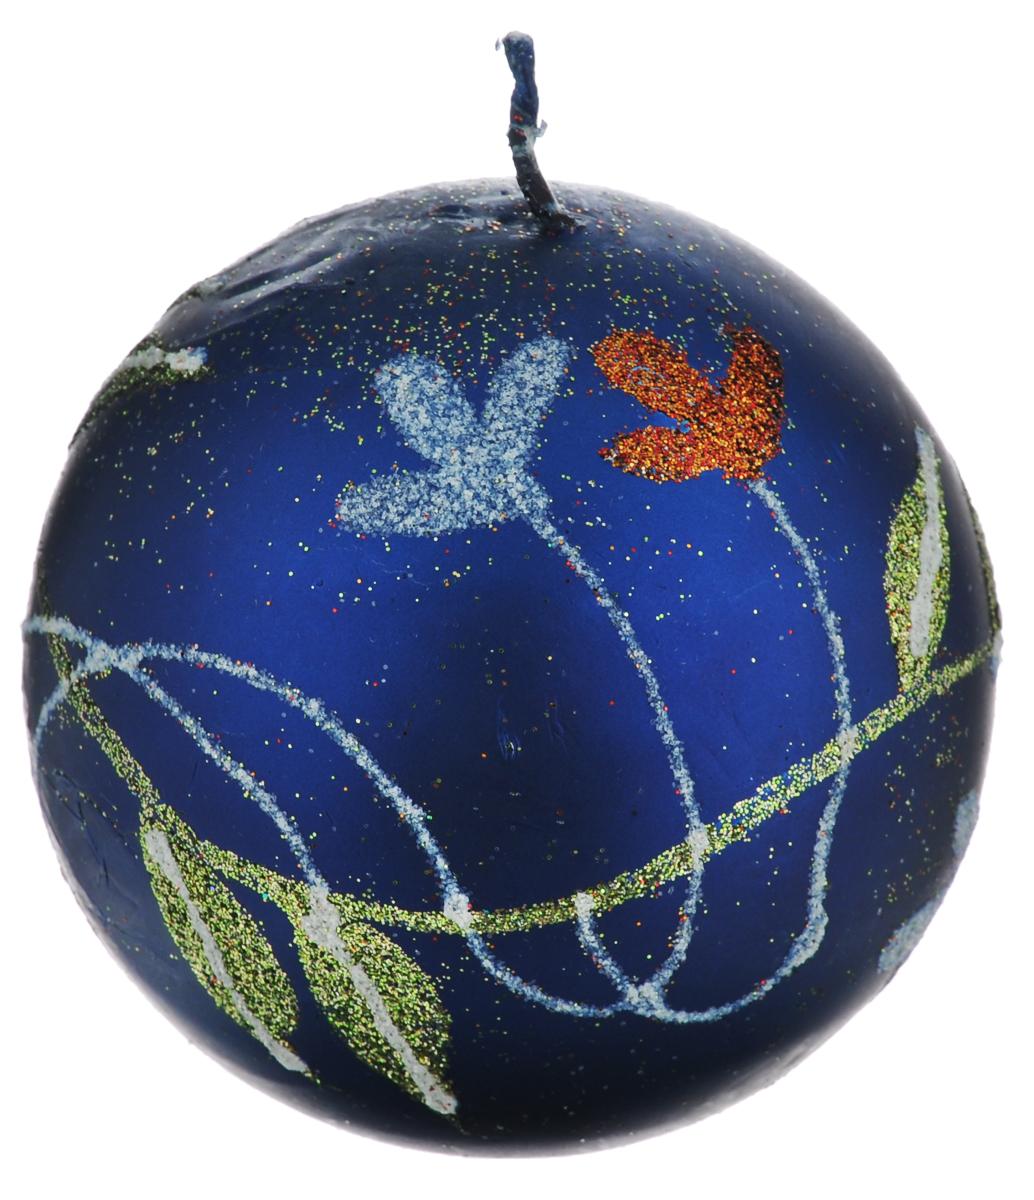 Свеча-шар Winter Wings Цветы, диаметр 7,3 см12723Свеча-шар Winter Wings Цветы, изготовленная из парафина, станет прекрасным украшением интерьера помещения, создаст атмосферу таинственности и загадочности. Свеча имеет форму шара, украшена красивым цветочным рисунком, покрытым разноцветным глиттером.